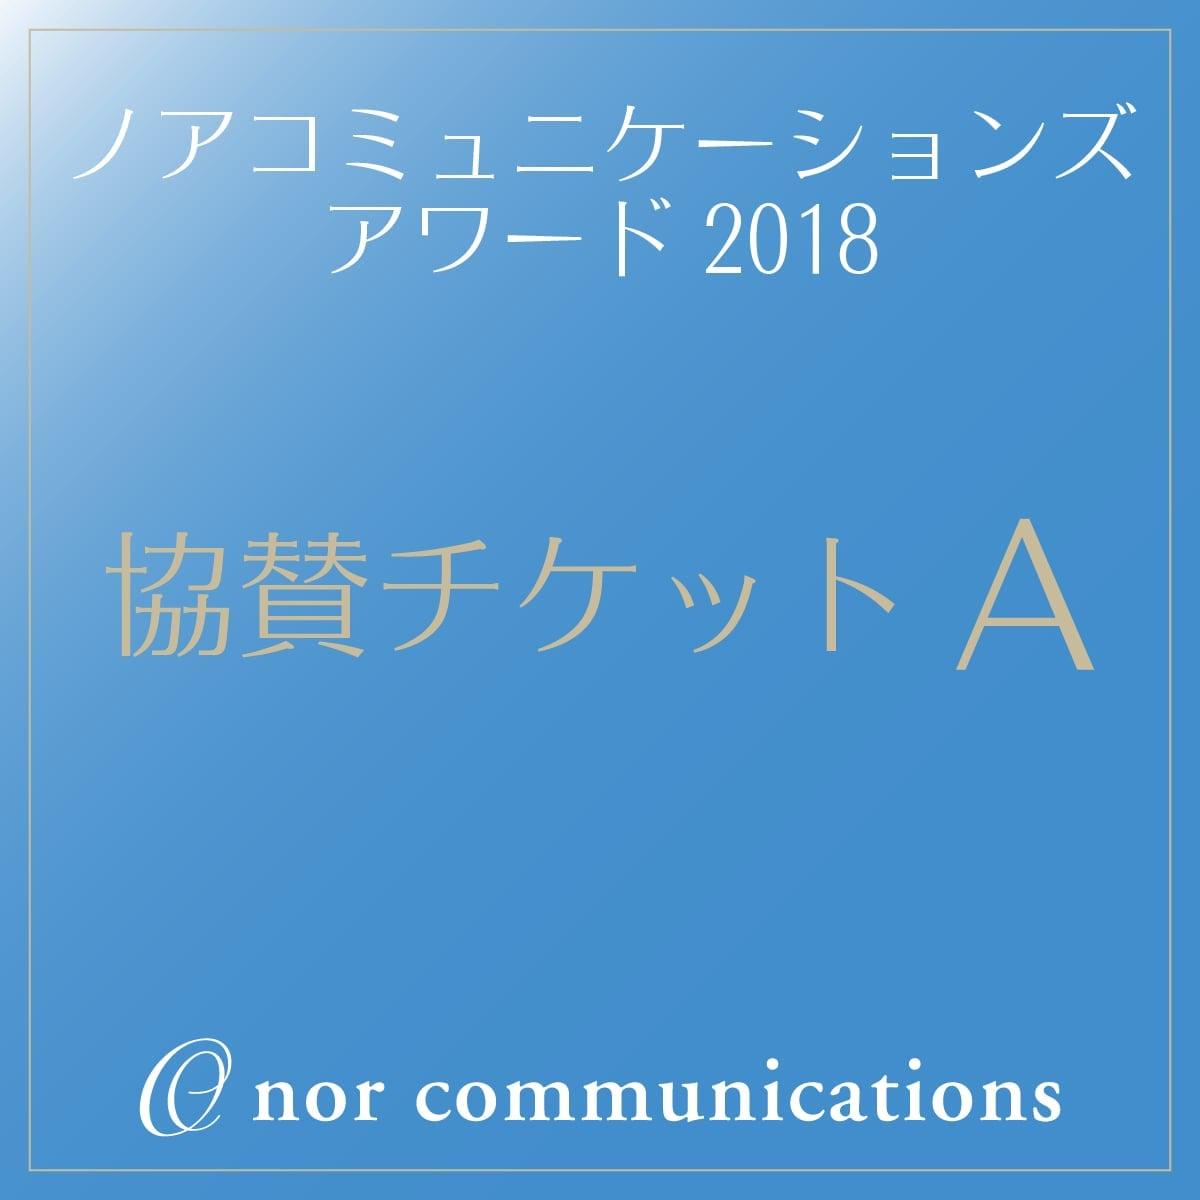 【協賛A】《ご好評につき増枠いたしました ※先着限定180社》ノアコミュニケーションズアワード2018協賛チケットAのイメージその1